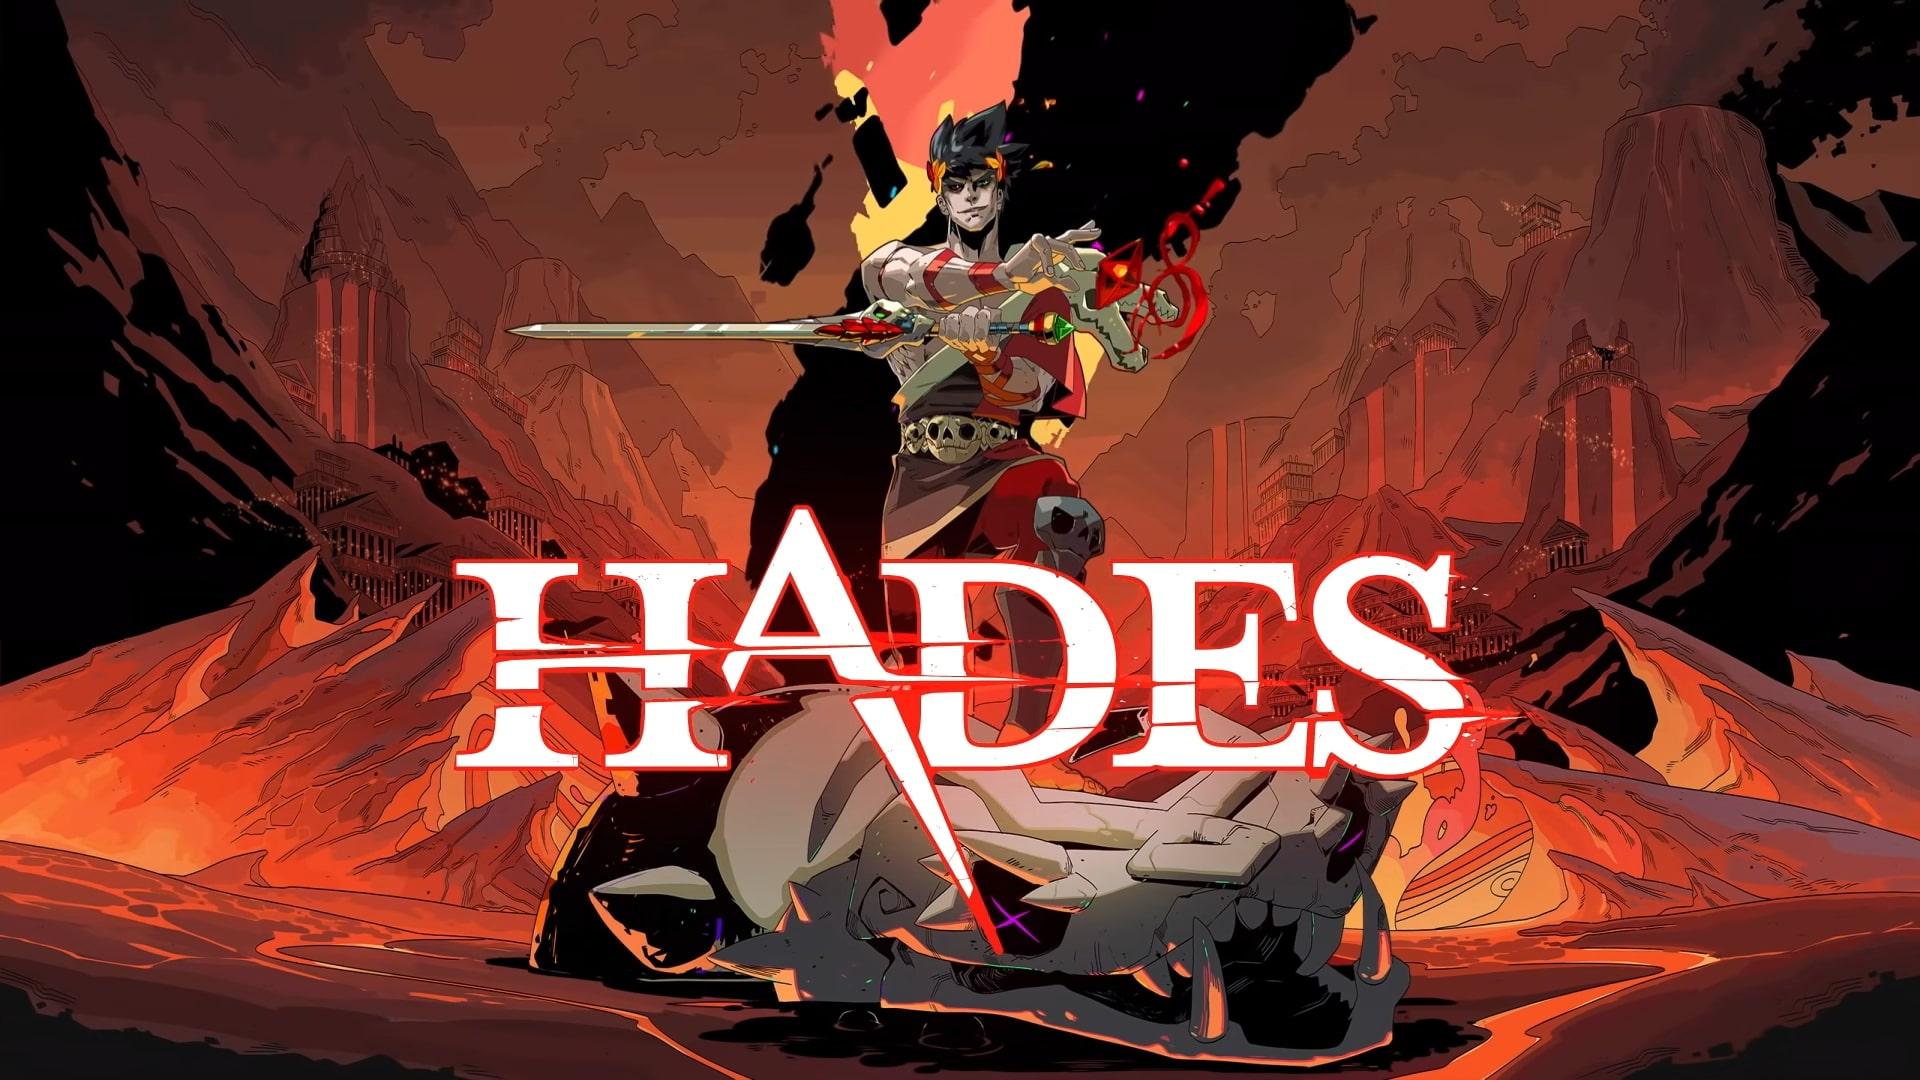 Мифологический рогалик Hades разошелся тиражом более 1 миллиона копий